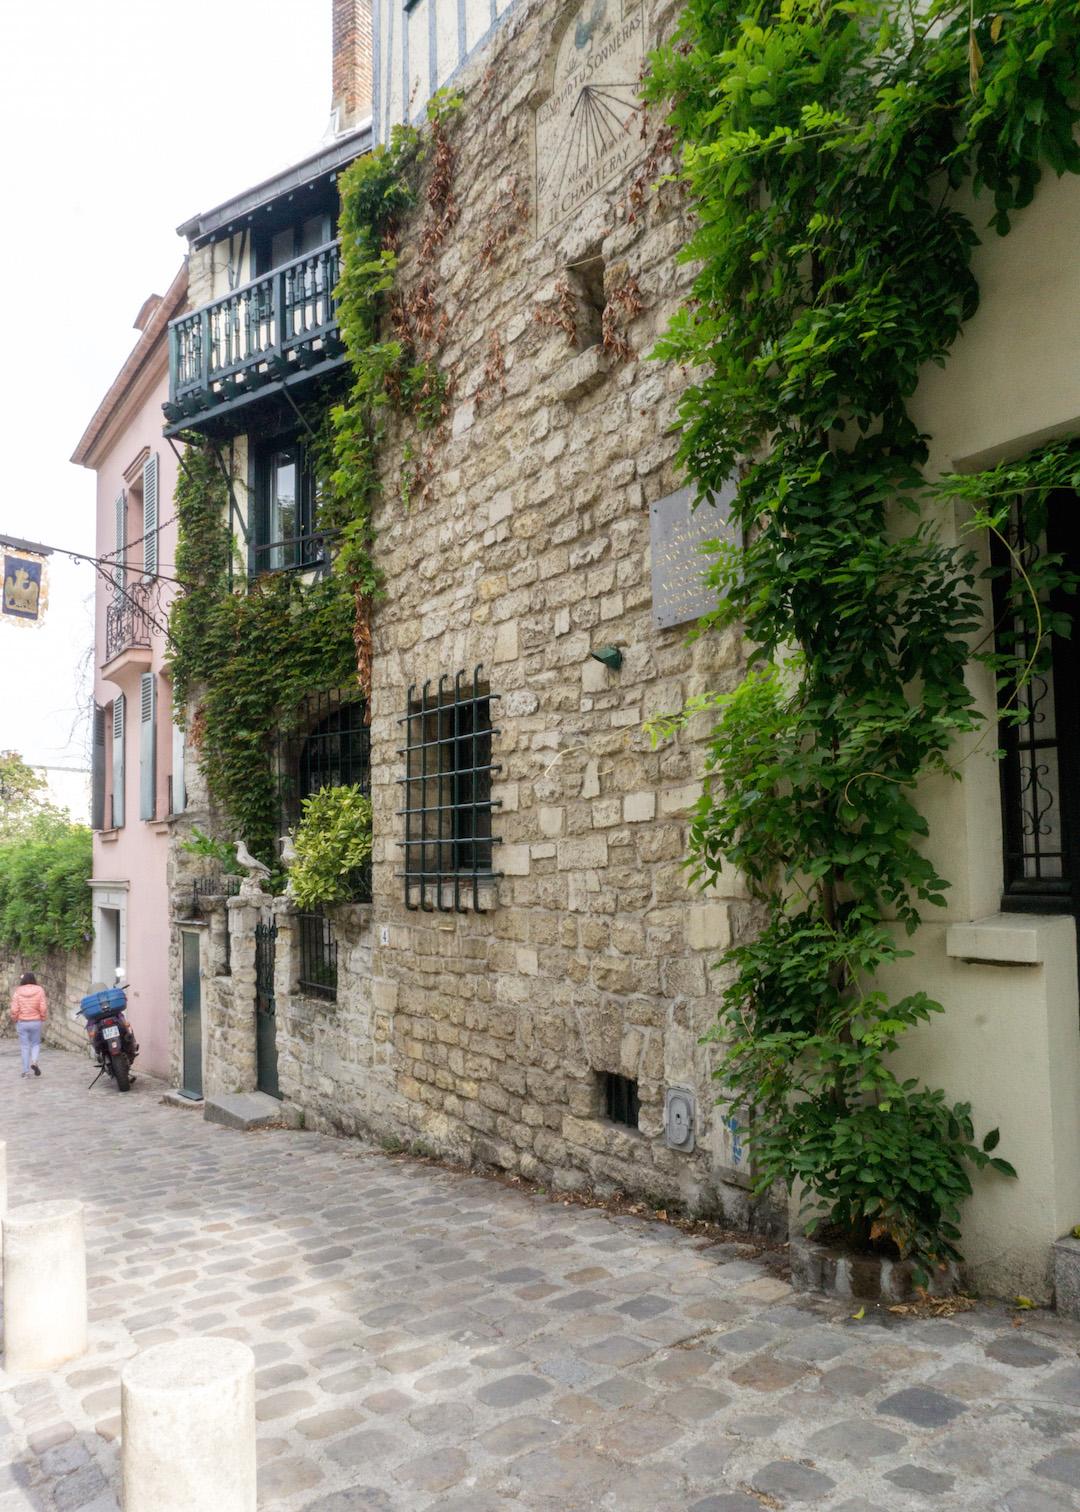 Her_Travel_Edit_Montmarte_Ivy_Walls